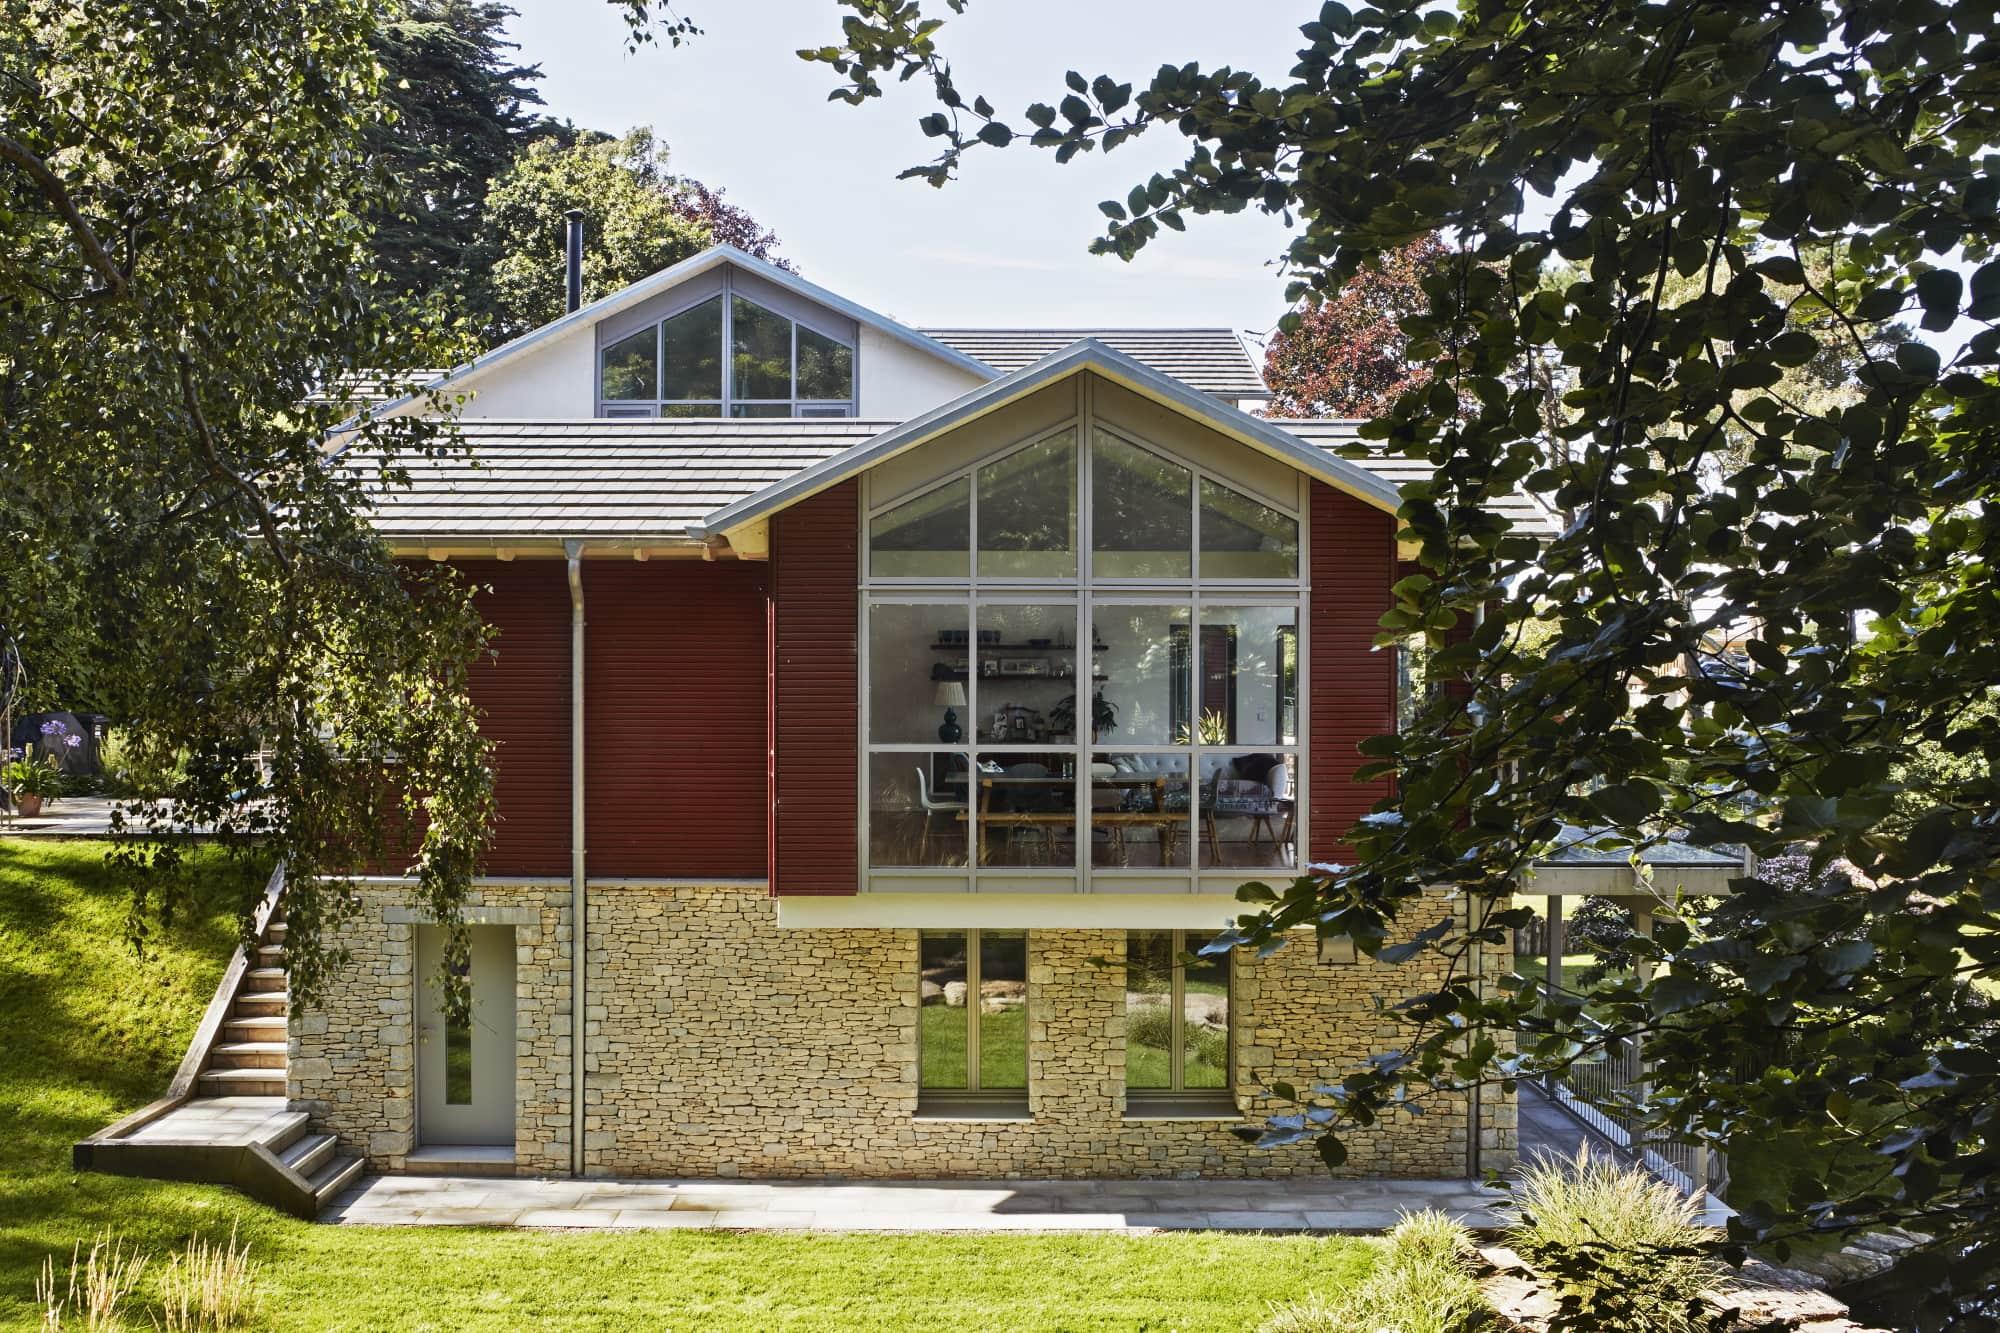 Villa im Landhausstil mit Holz Glas Naturstein Fassade & Satteldach - Haus bauen Ideen Baufritz Fertighaus Landhaus FORTESCUE - HausbauDirekt.de